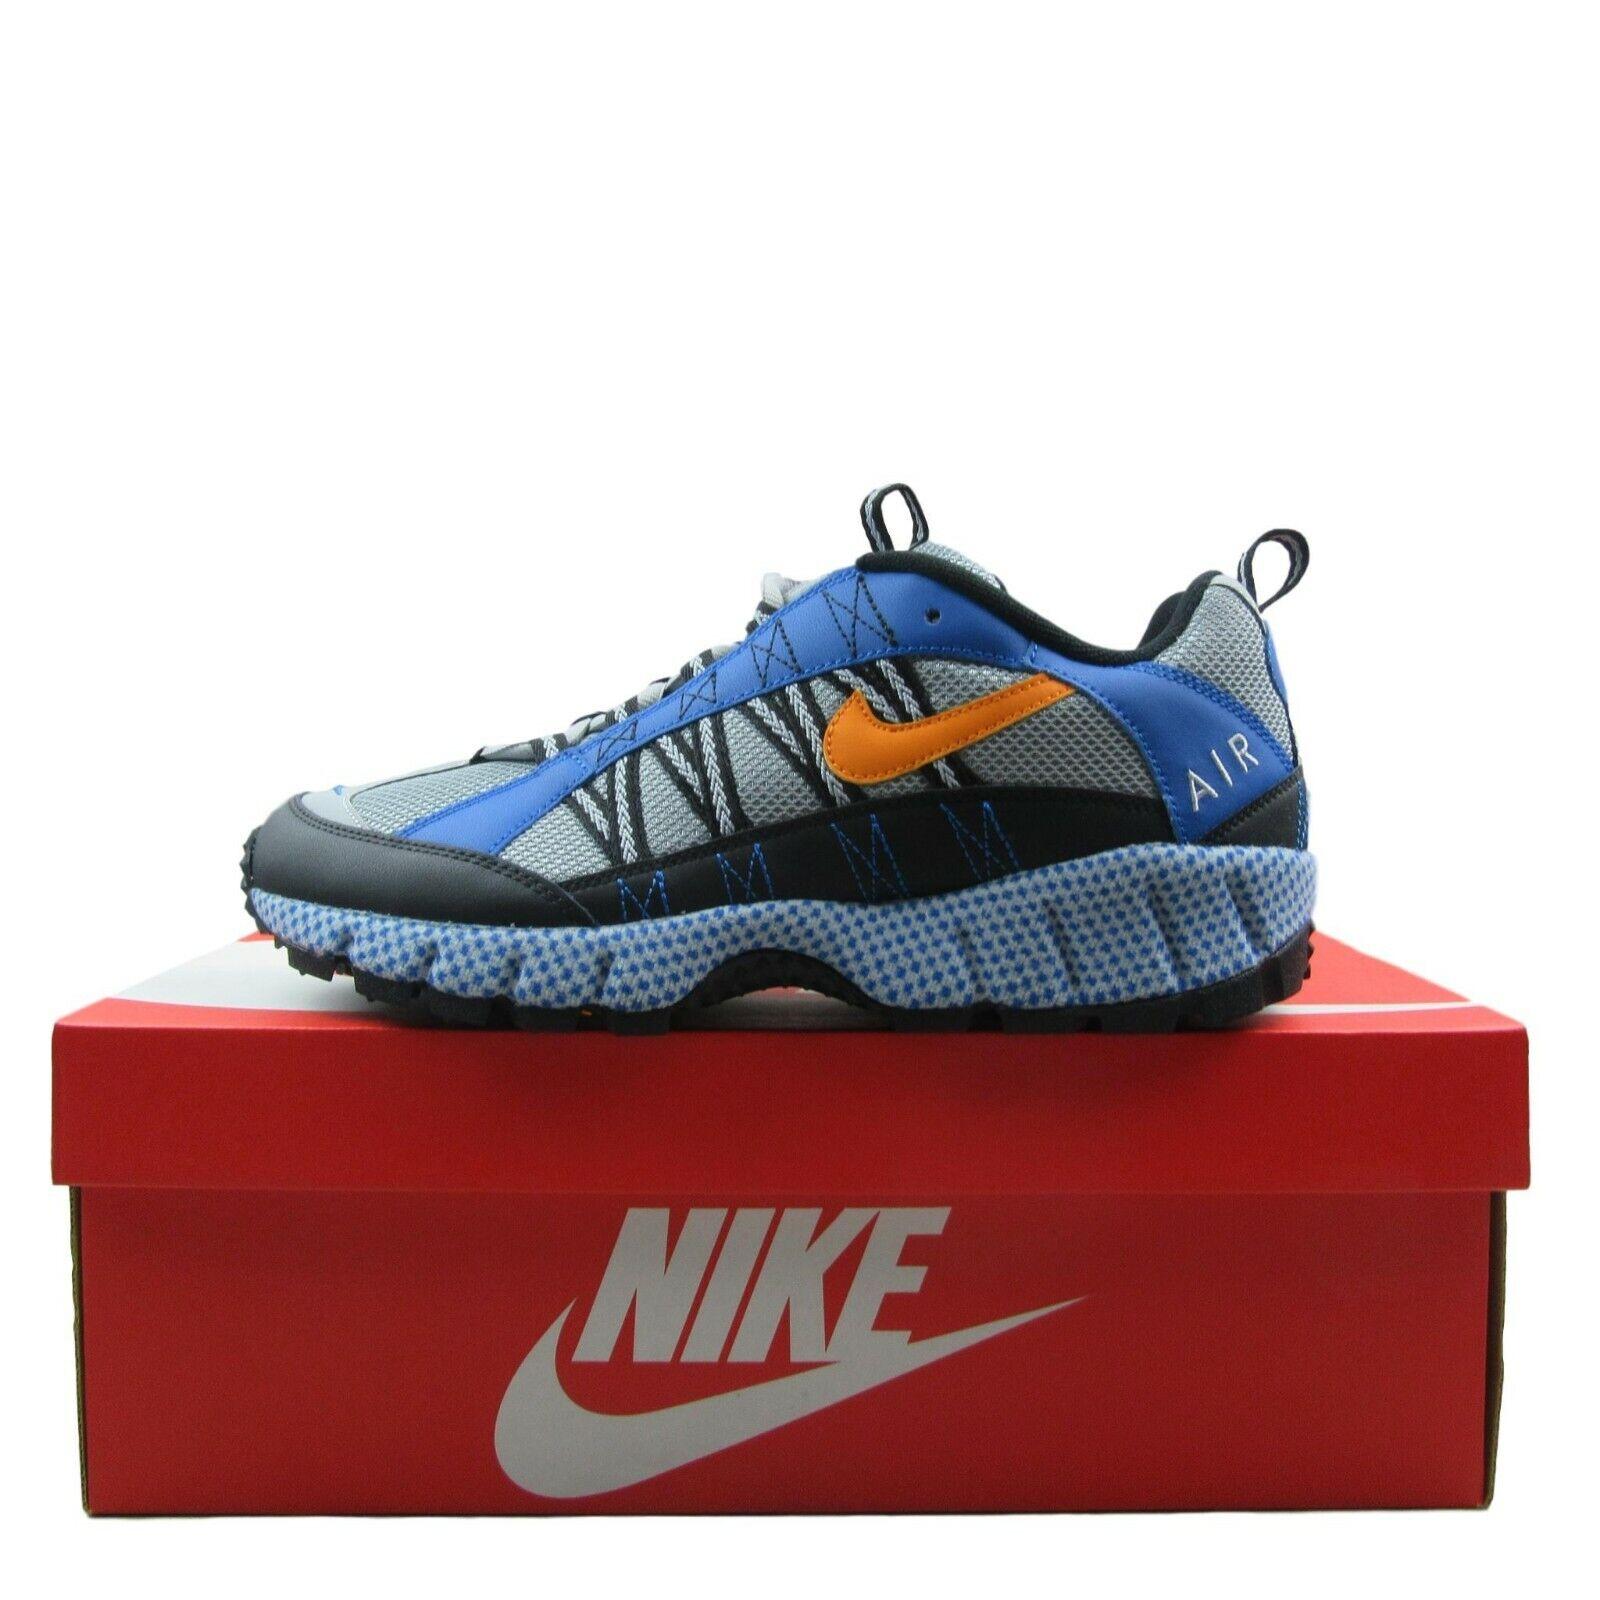 Nike Air Humara 17' QS Hiking Trail Mens shoes blueee Spark Silver AO3297 001 New